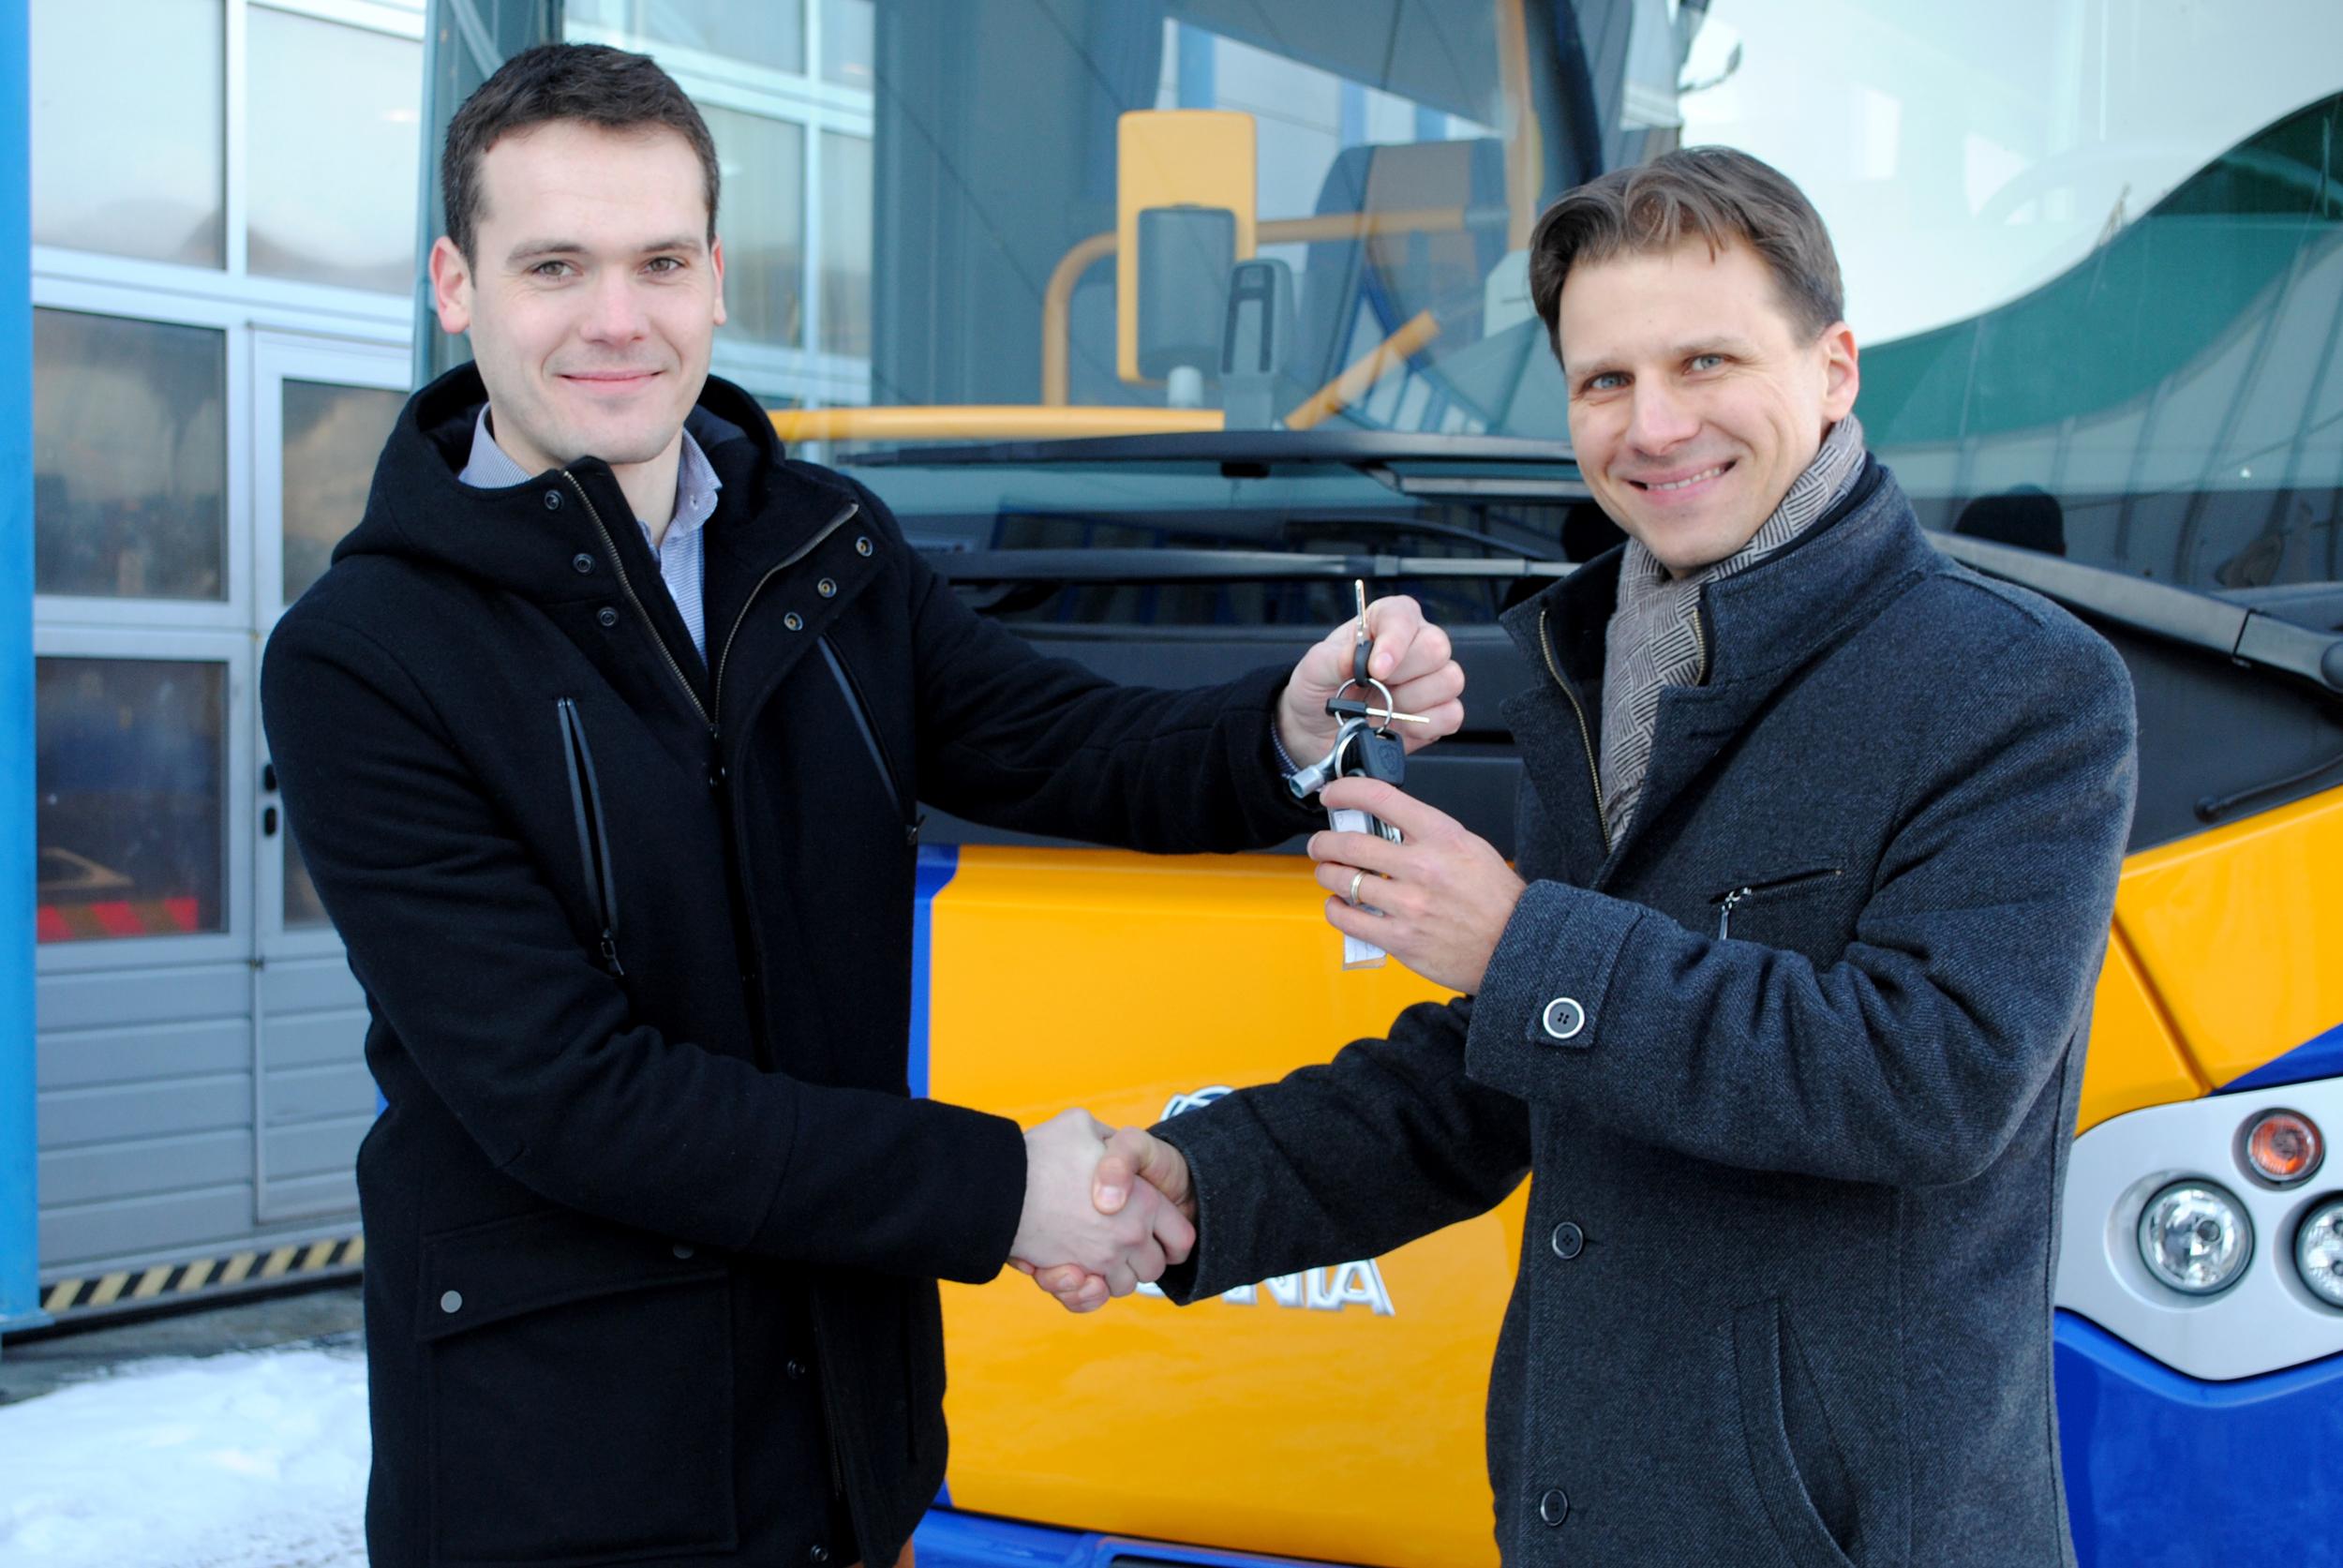 Symbolické předání klíčů - Lukáš Martinů ze společnosti Scania (vlevo) a Petr Kužma, ředitel divize osobní dopravy BORS Břeclav. (foto: Scania)